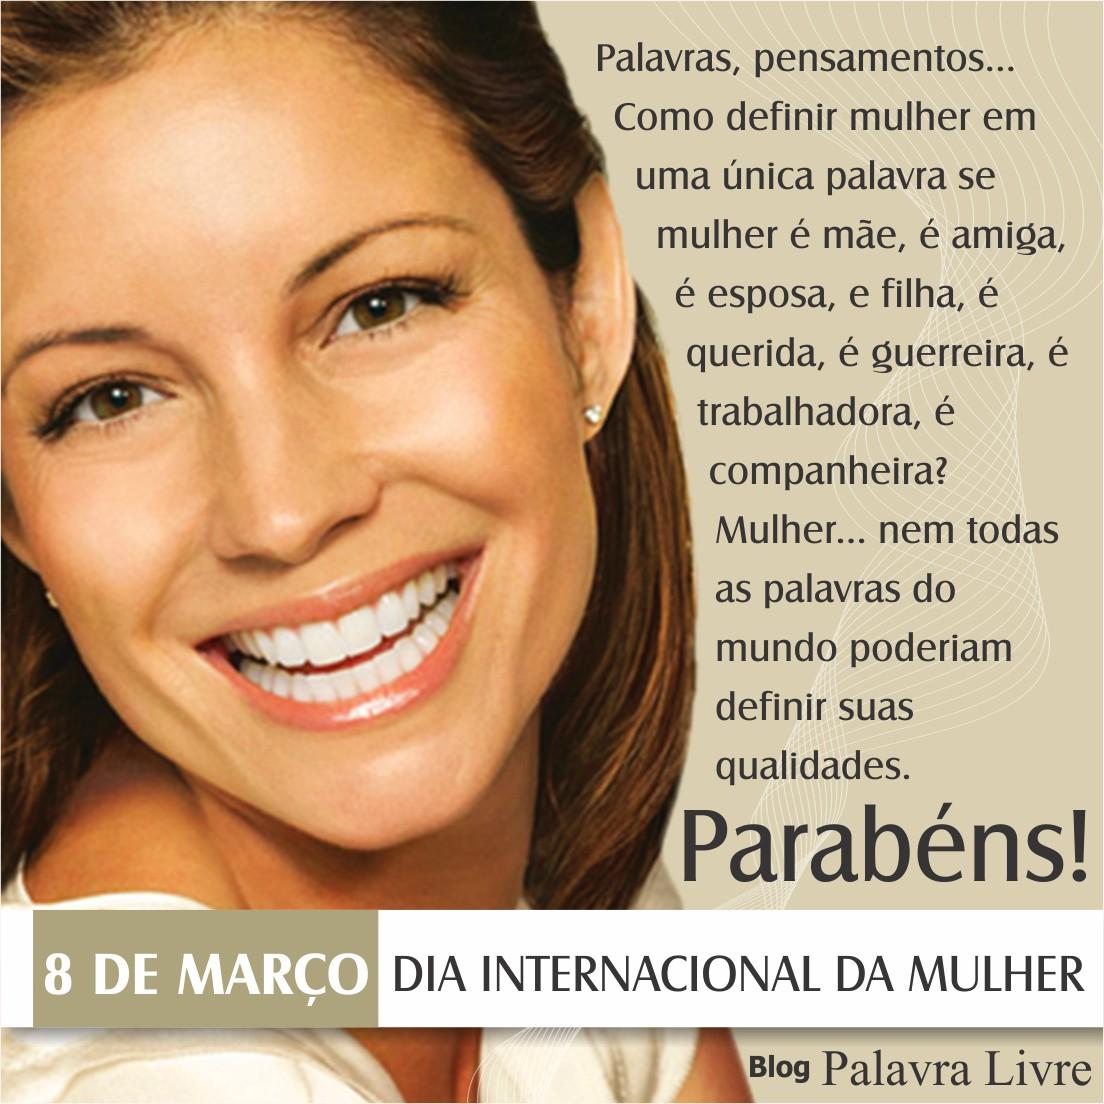 Blog homenageia todas as mulheres neste e em todos os dias, parabéns!!